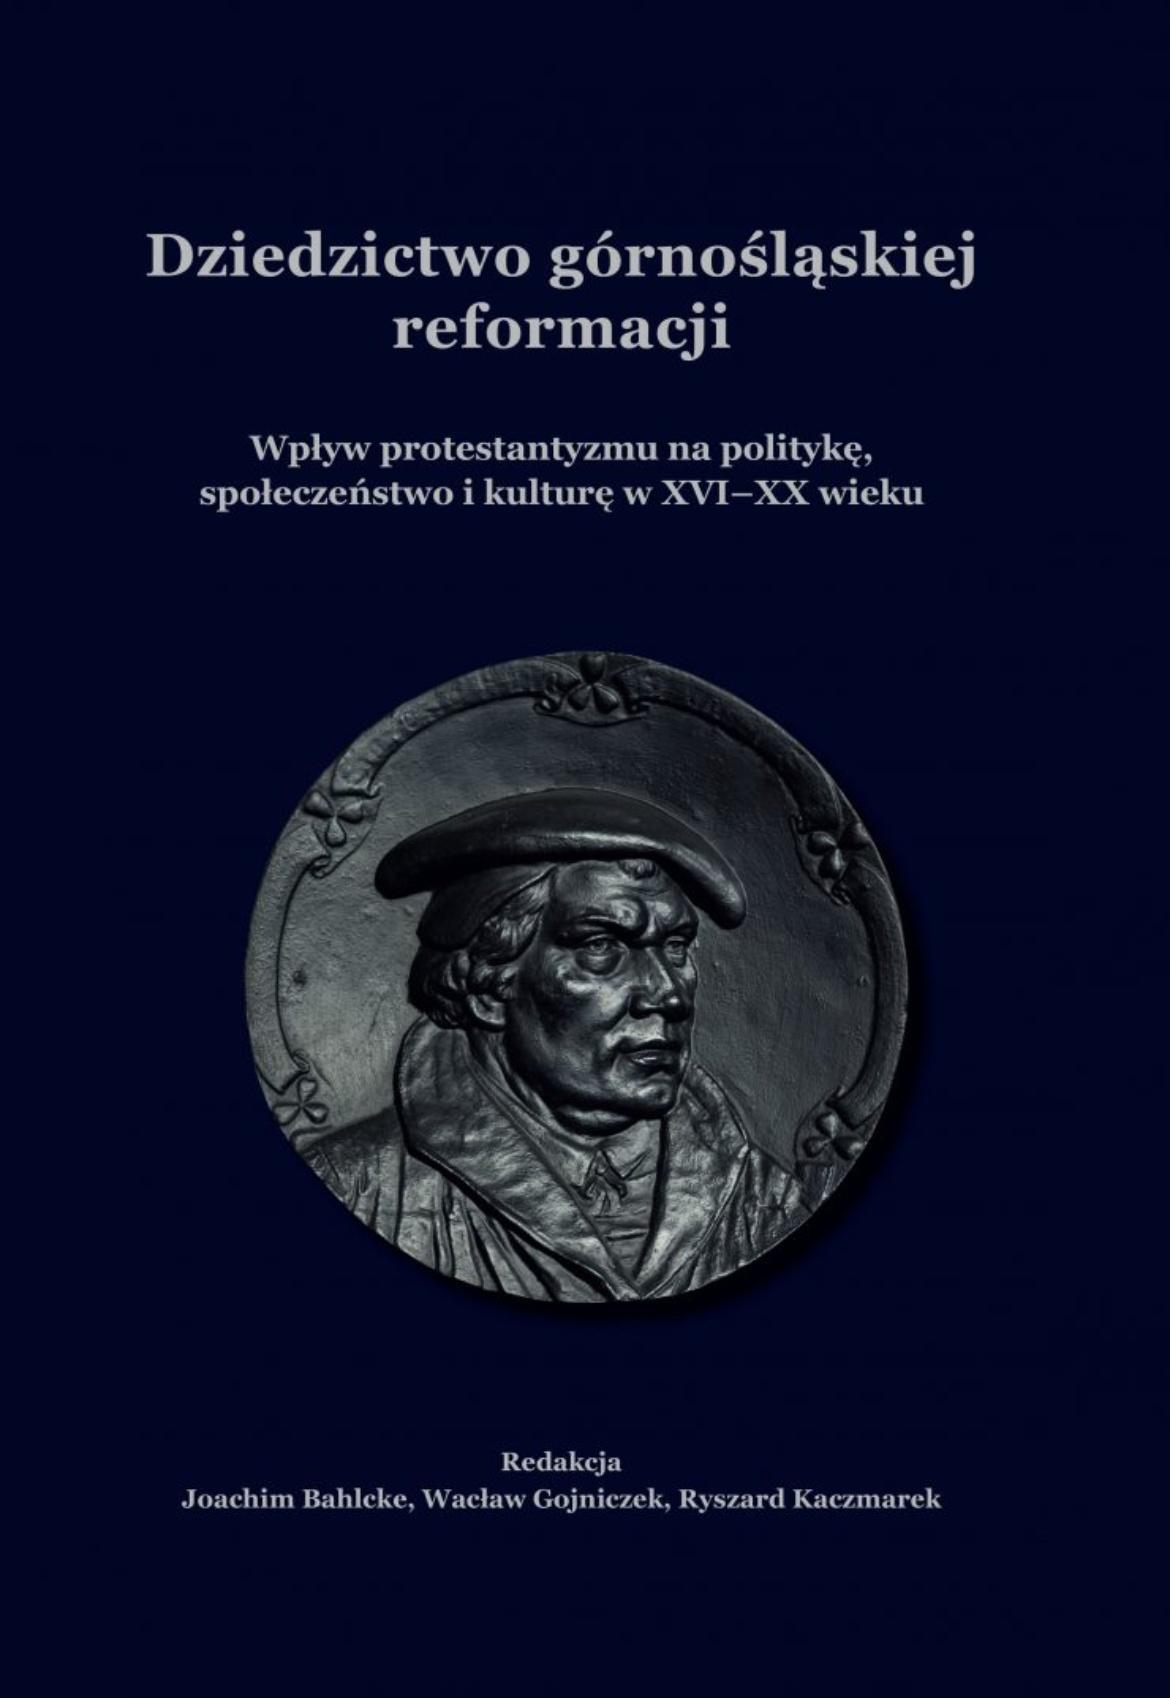 Das Erbe der oberschlesischen Reformation. Der Einfluss des Protestantismus auf Politik, Gesellschaft und Kultur im 16.-20. Jahrhundert (c) free